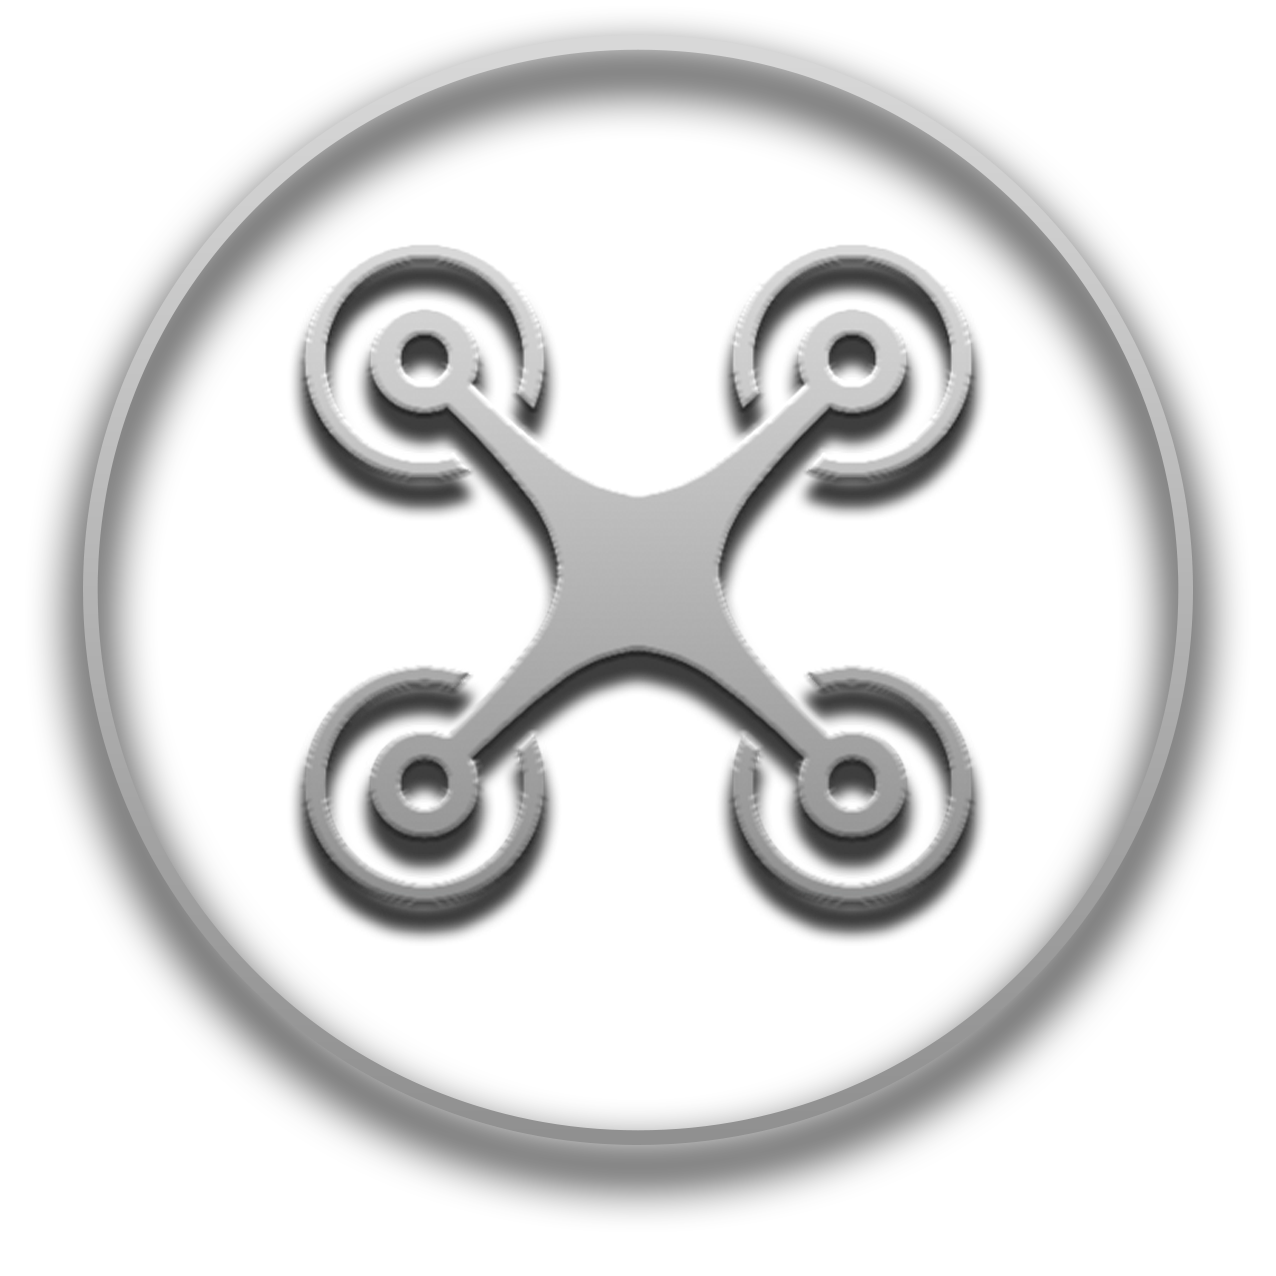 Применение ScanIMaAGER professional для обработки съемки с дронов и беспилотников, аэрофотосъемки